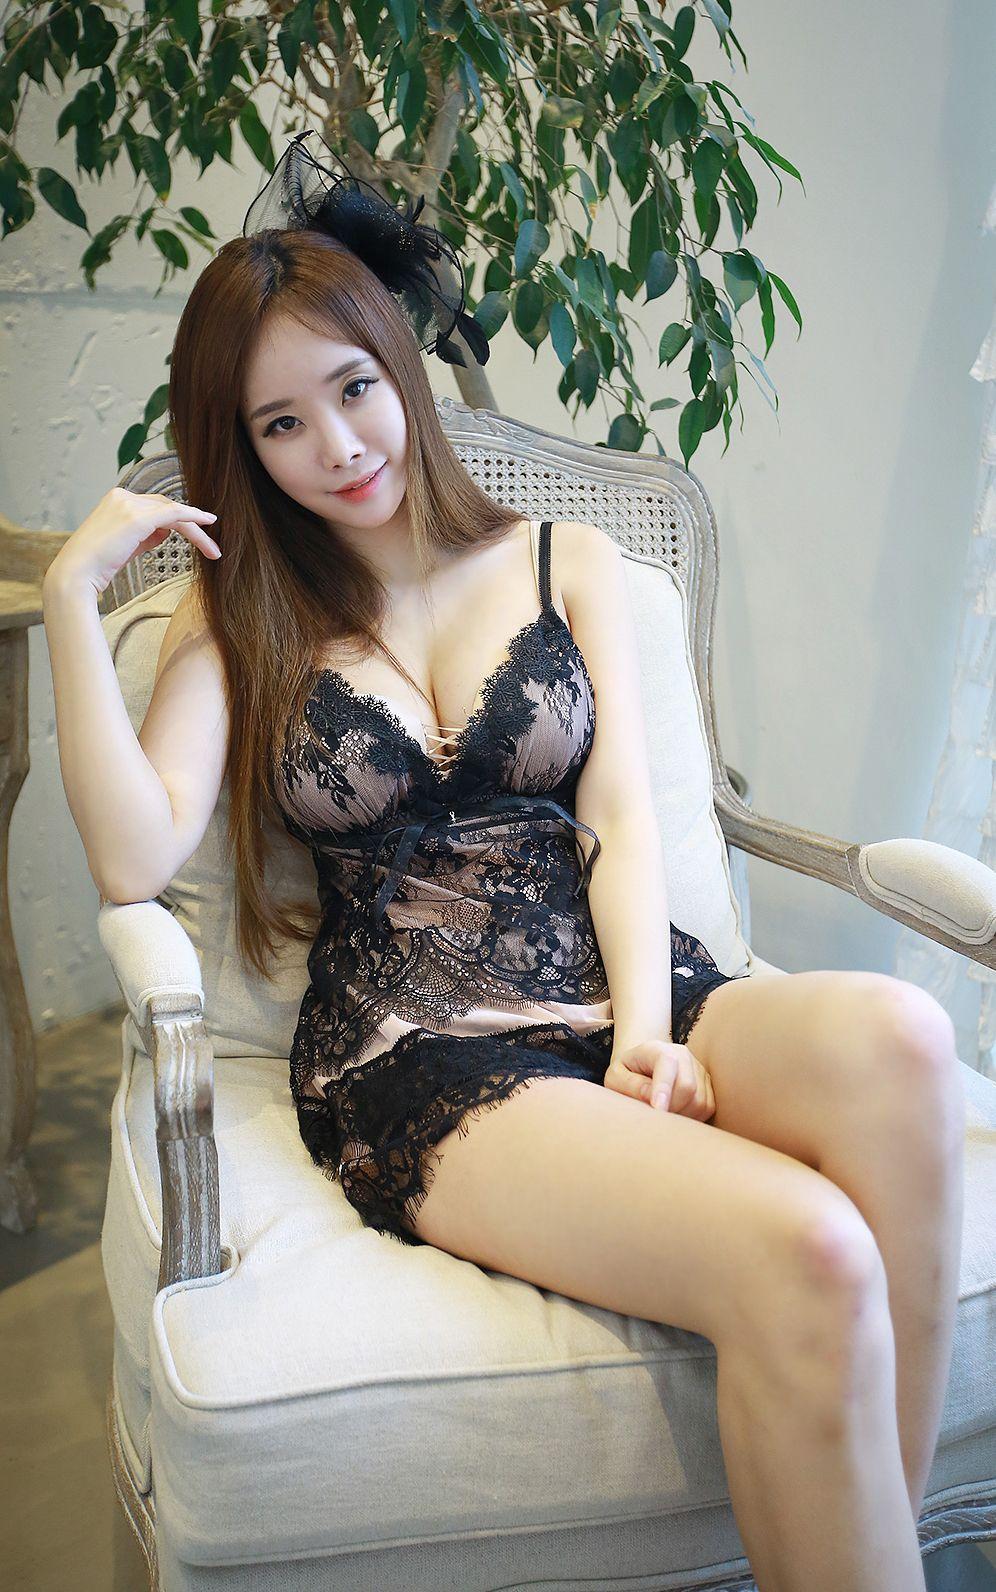 韩国魅惑内衣模特-HP-hp-内衣-乐多美图网整理第30期